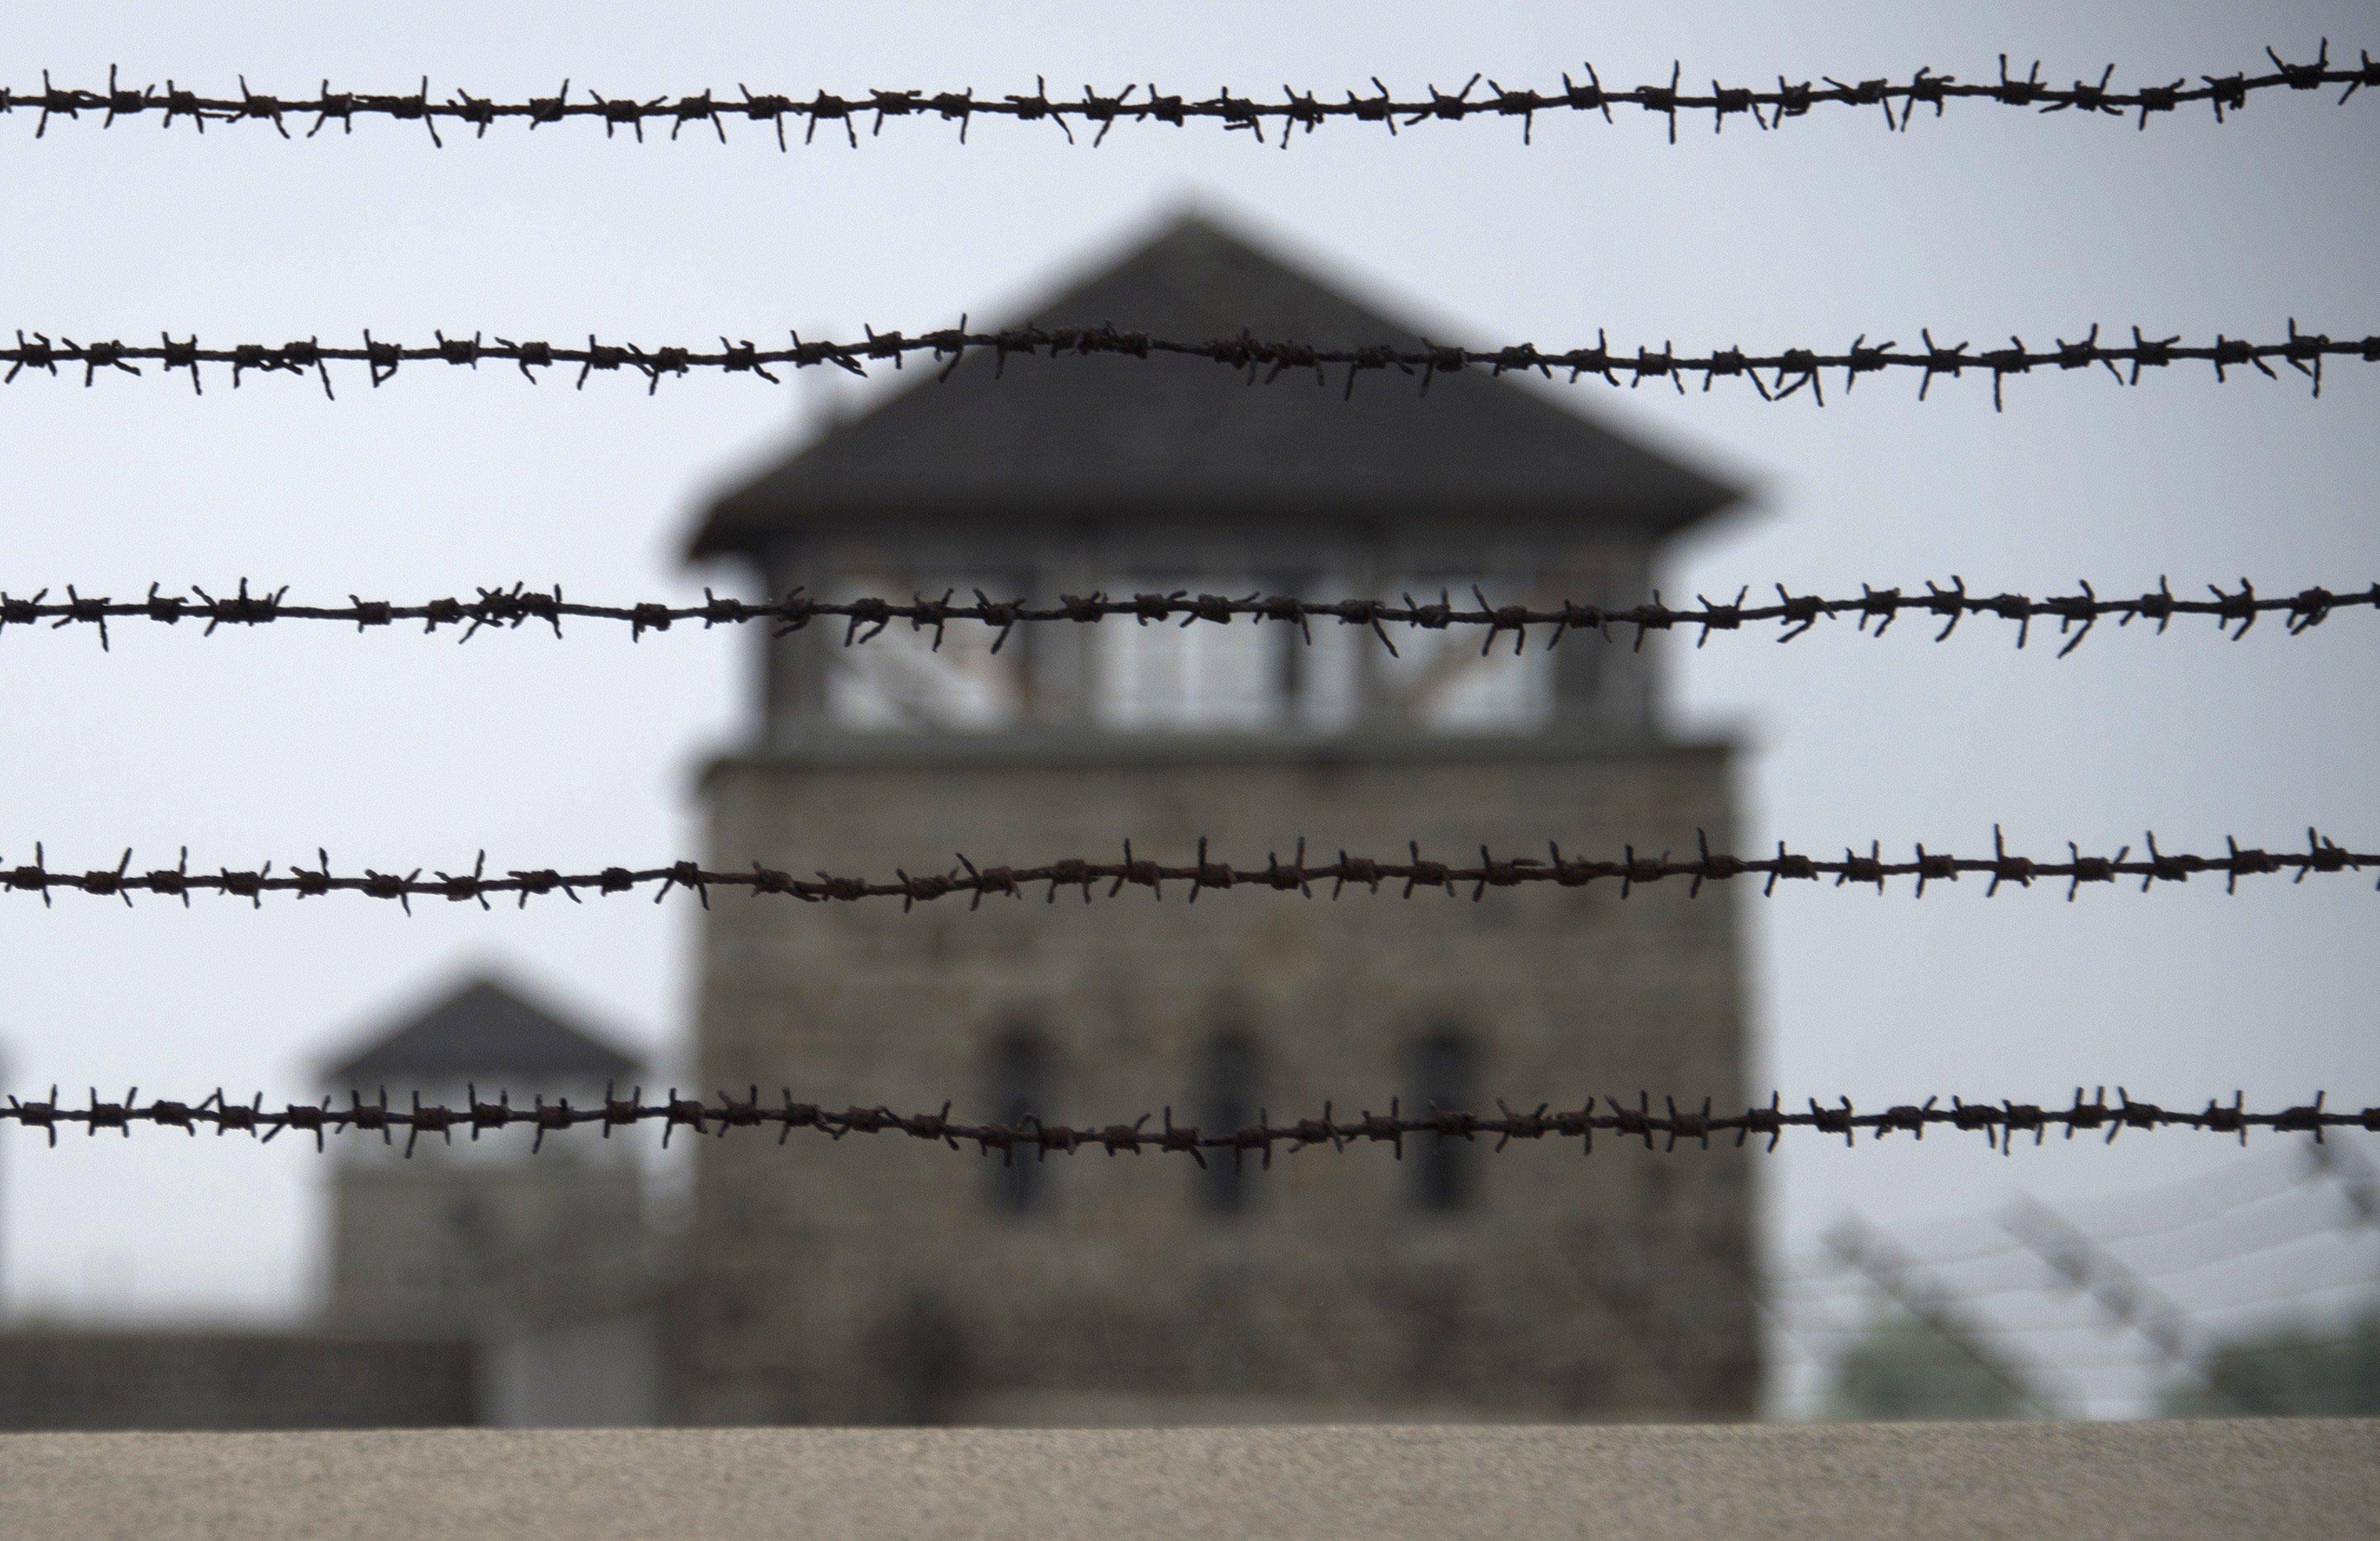 Un concejal de Vox vota contra el reconocimiento a prisioneros españoles en los campos nazis